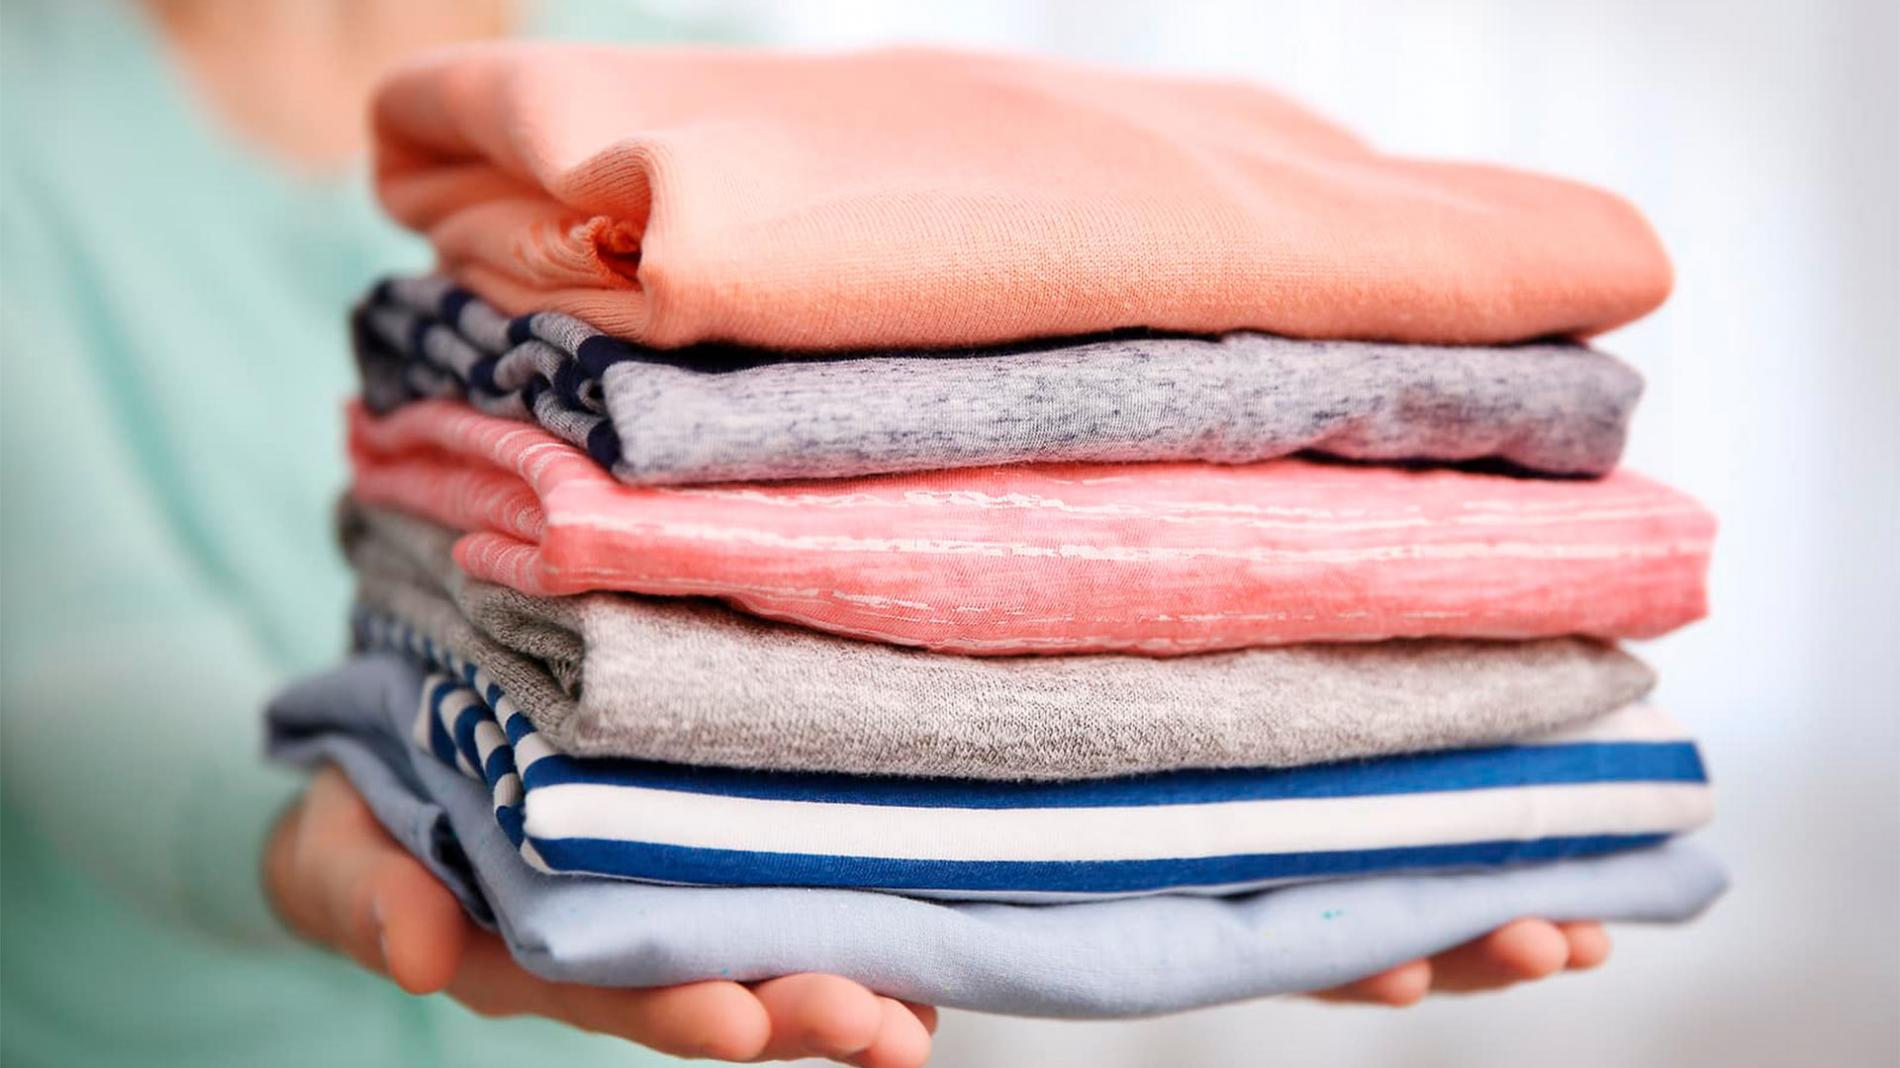 Студенты ВоГУ получили грант на реализацию проекта по переработке одежды